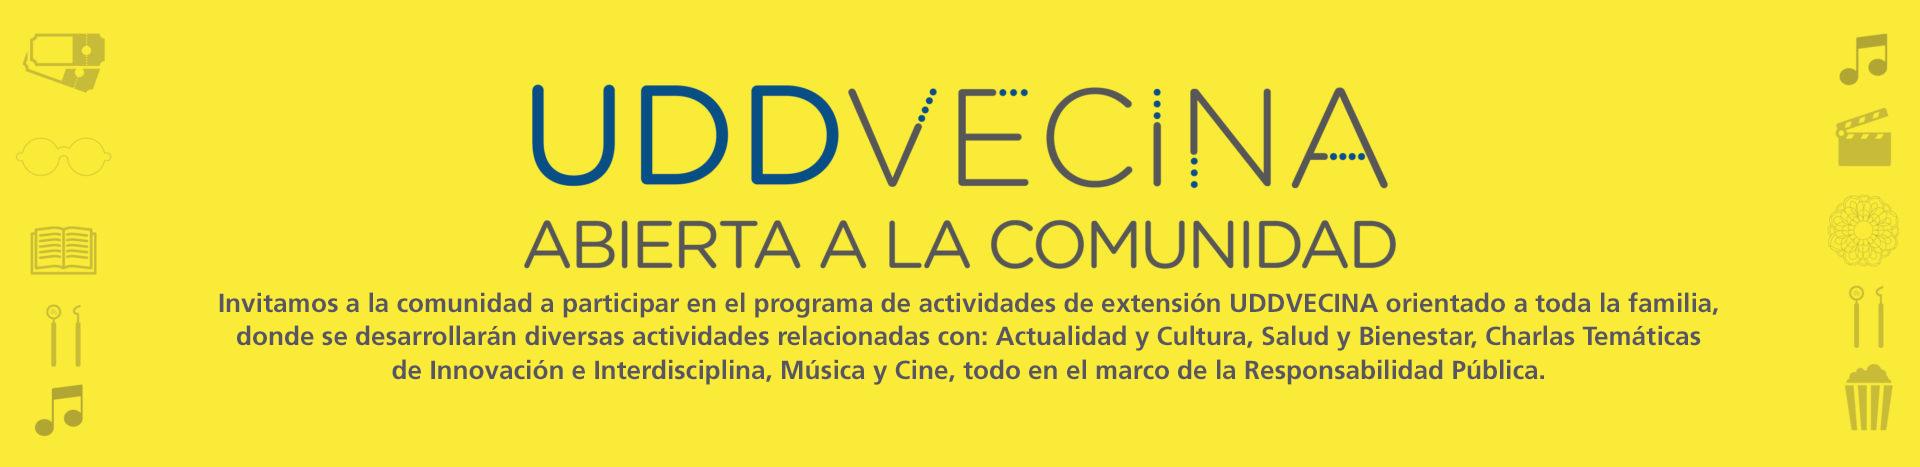 UDD Vecina - Concepción